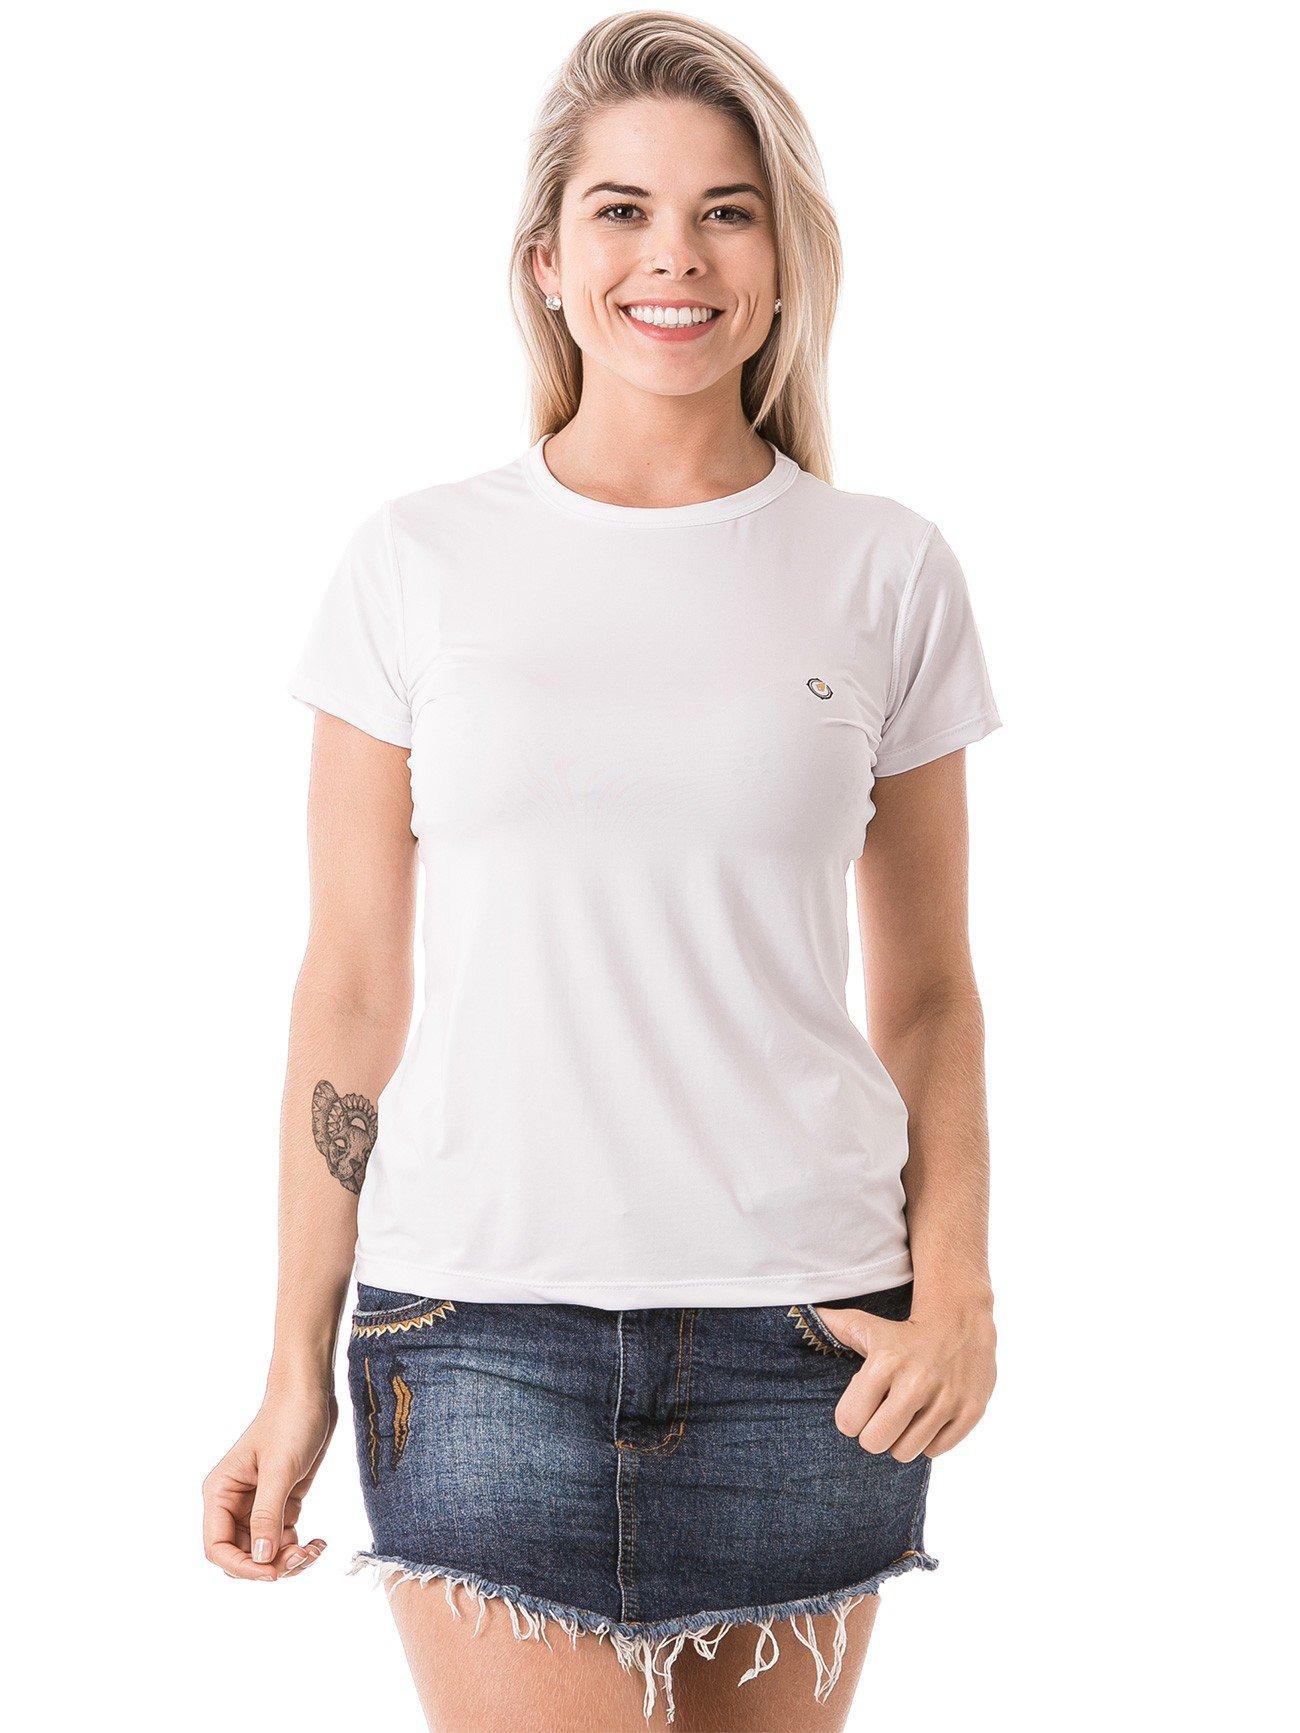 feminia t shirt curta ice branca frente 1 b